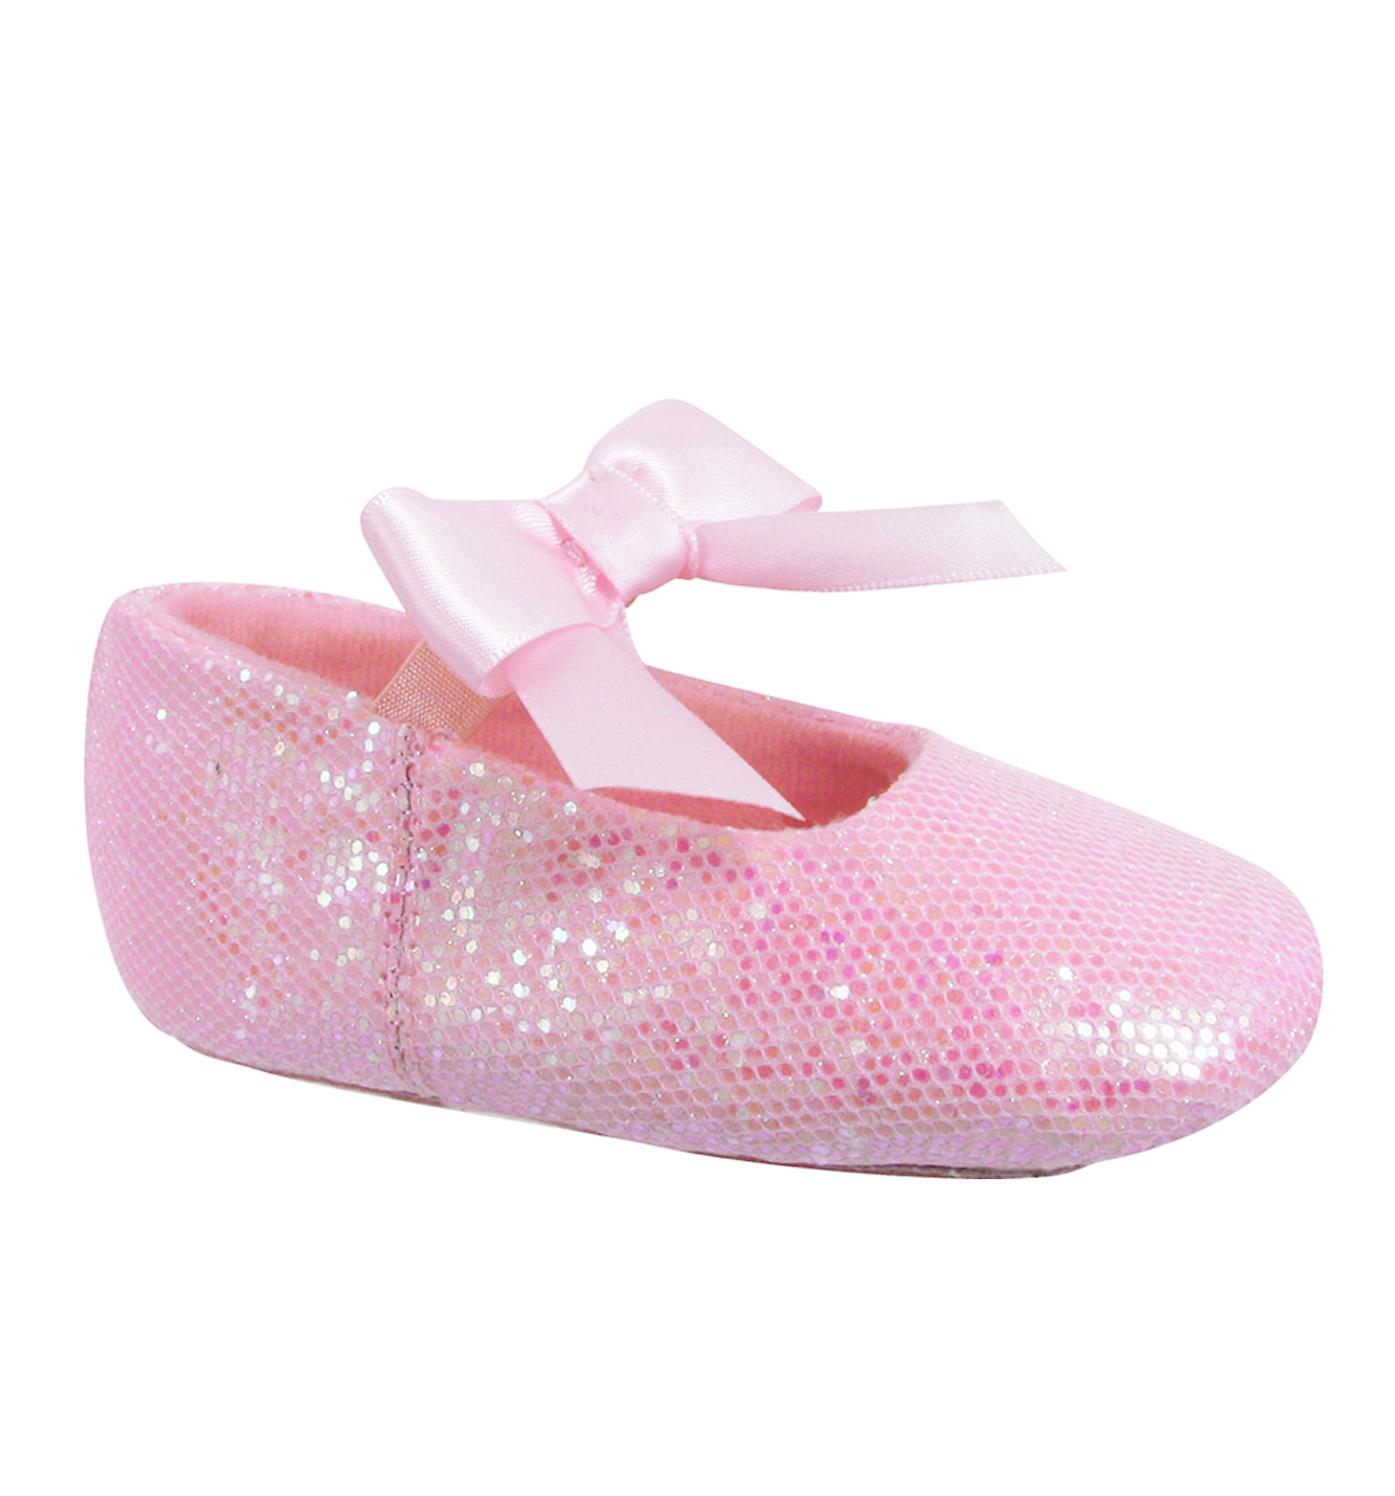 Glitter Baby Ballet Shoes Ballet Slippers